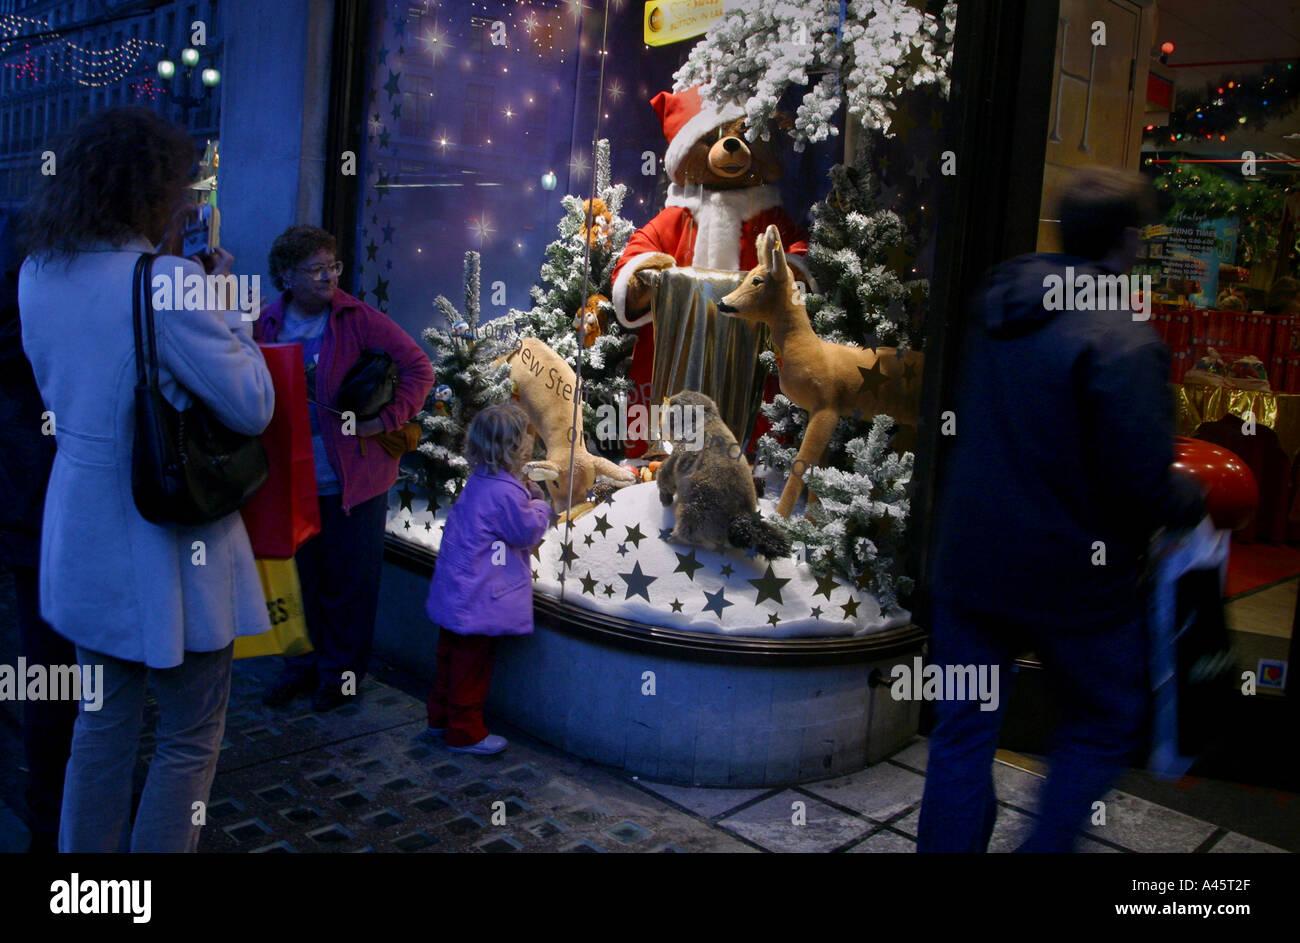 Christmas shopping in London ein Kind an Weihnachten ein Fenster am ...